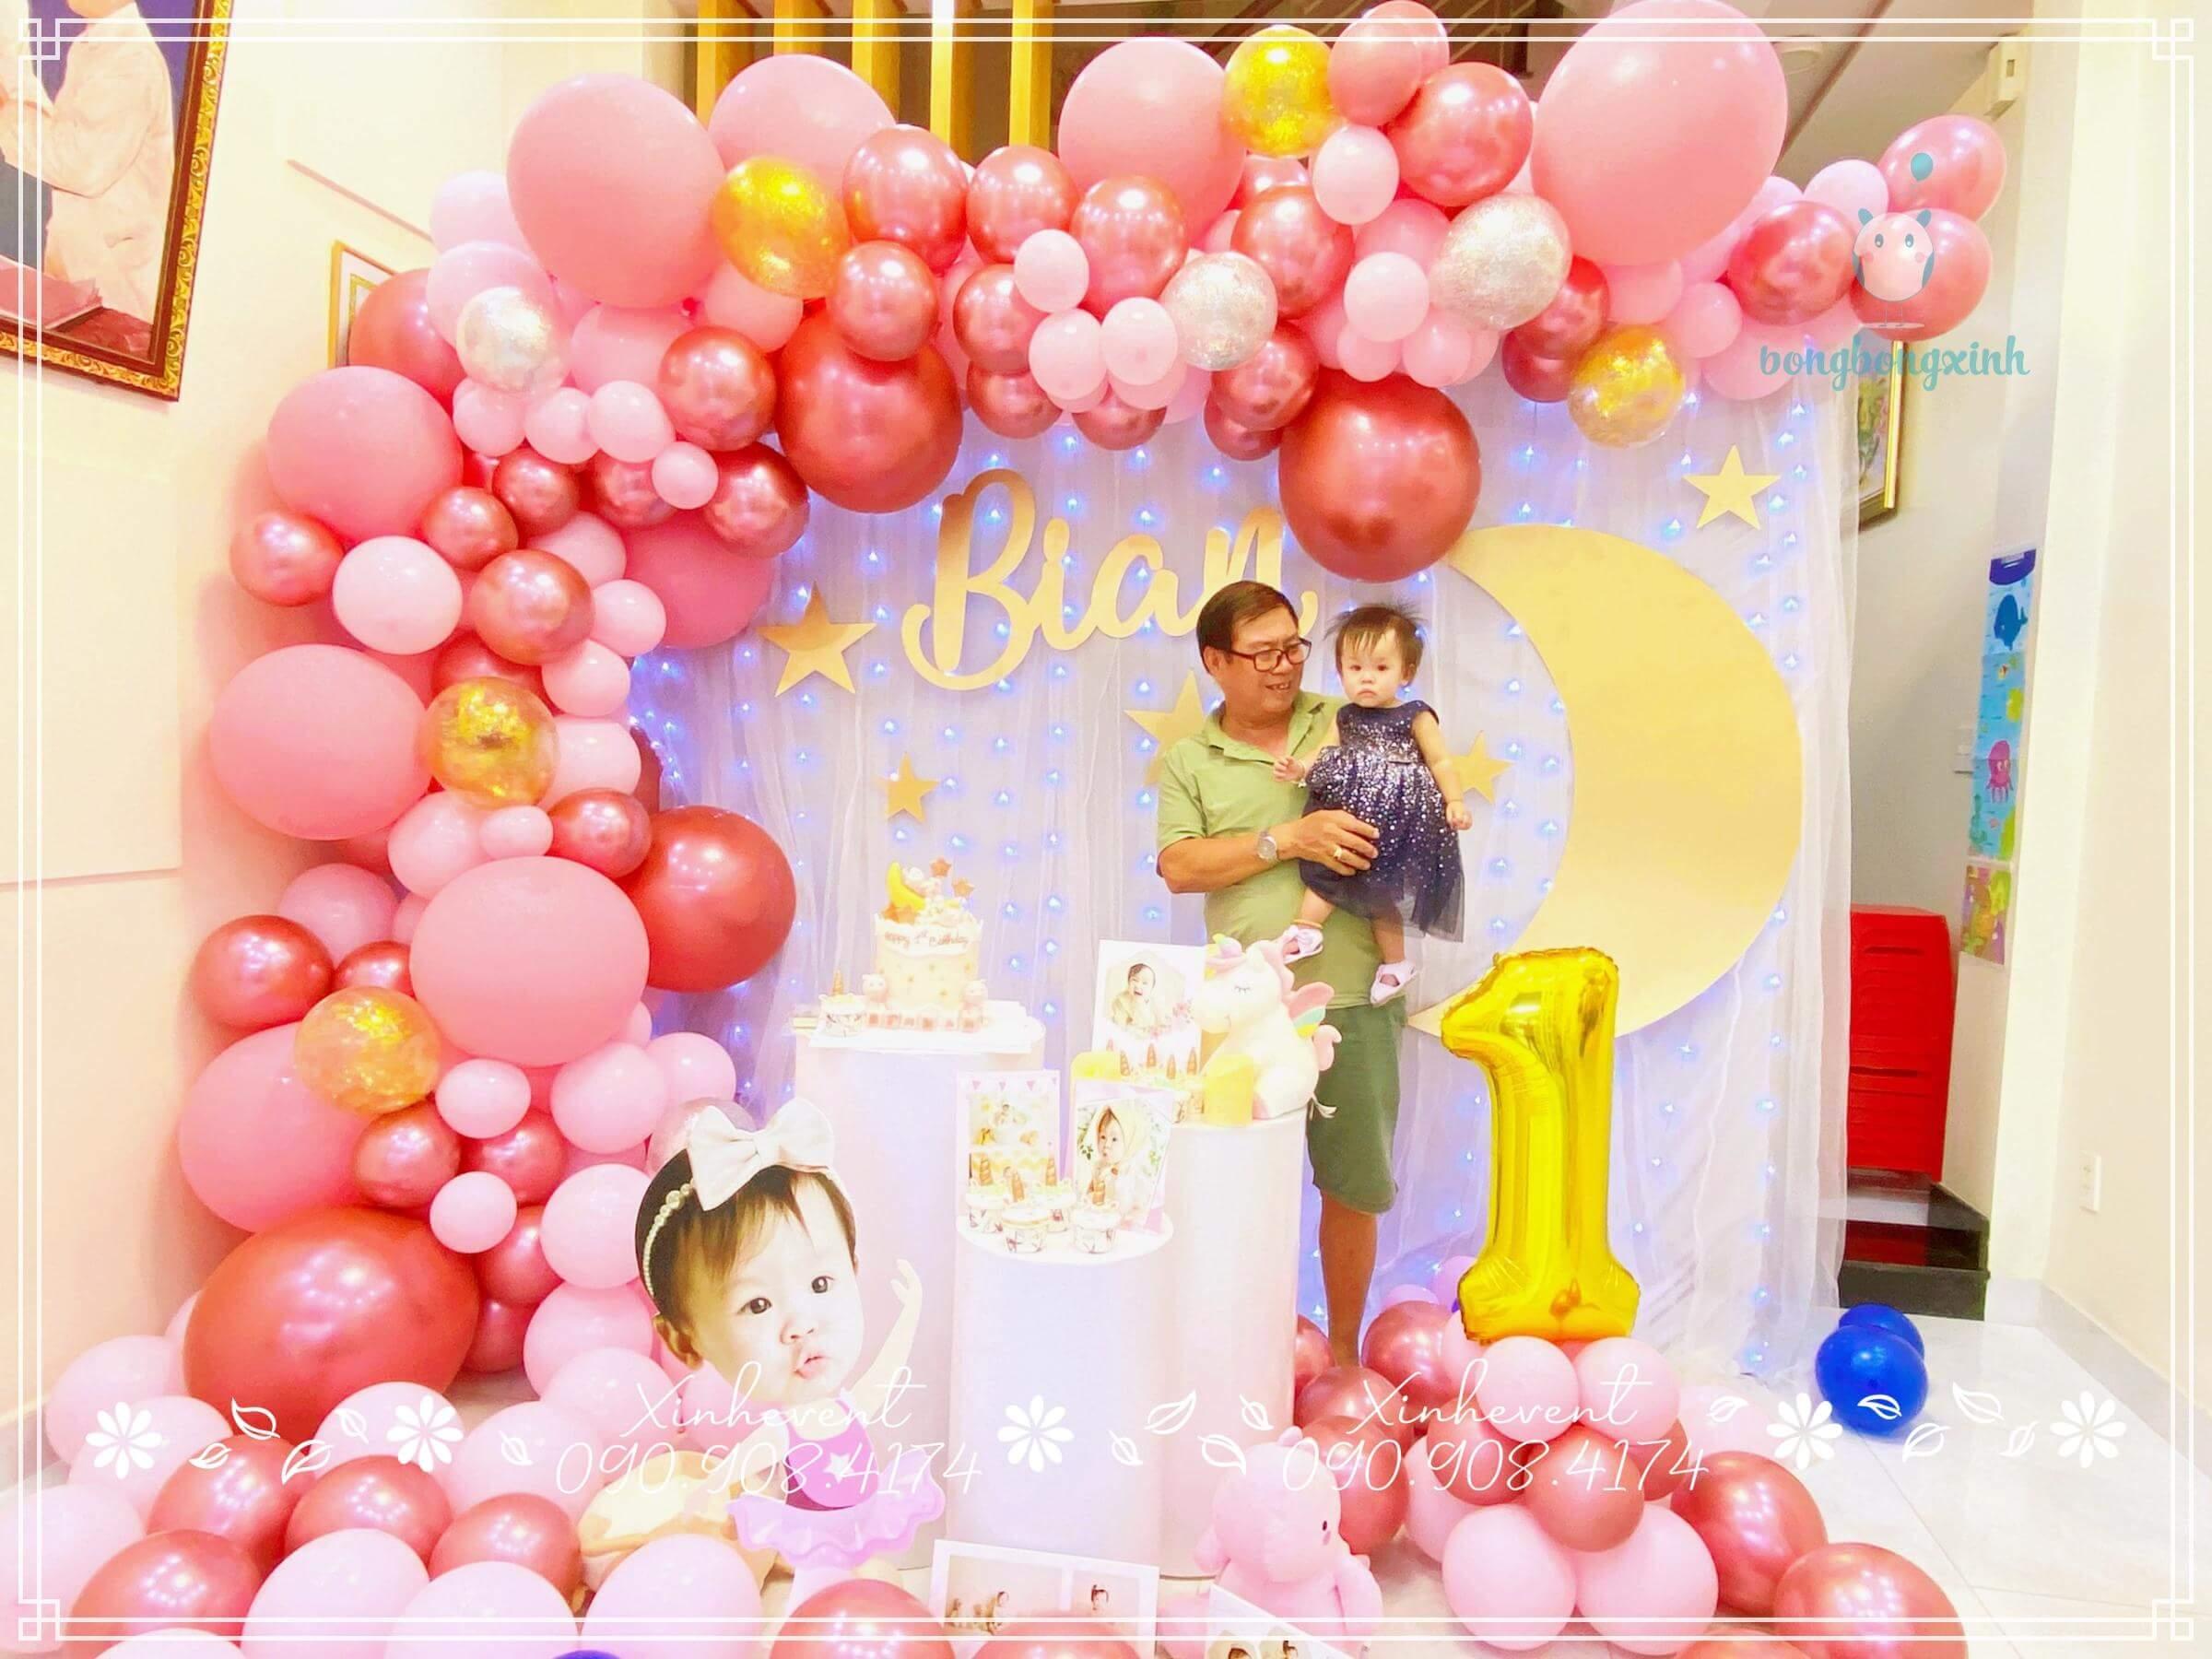 Ảnh chụp kỷ niệm của ông và bé trong ngày sinh nhật